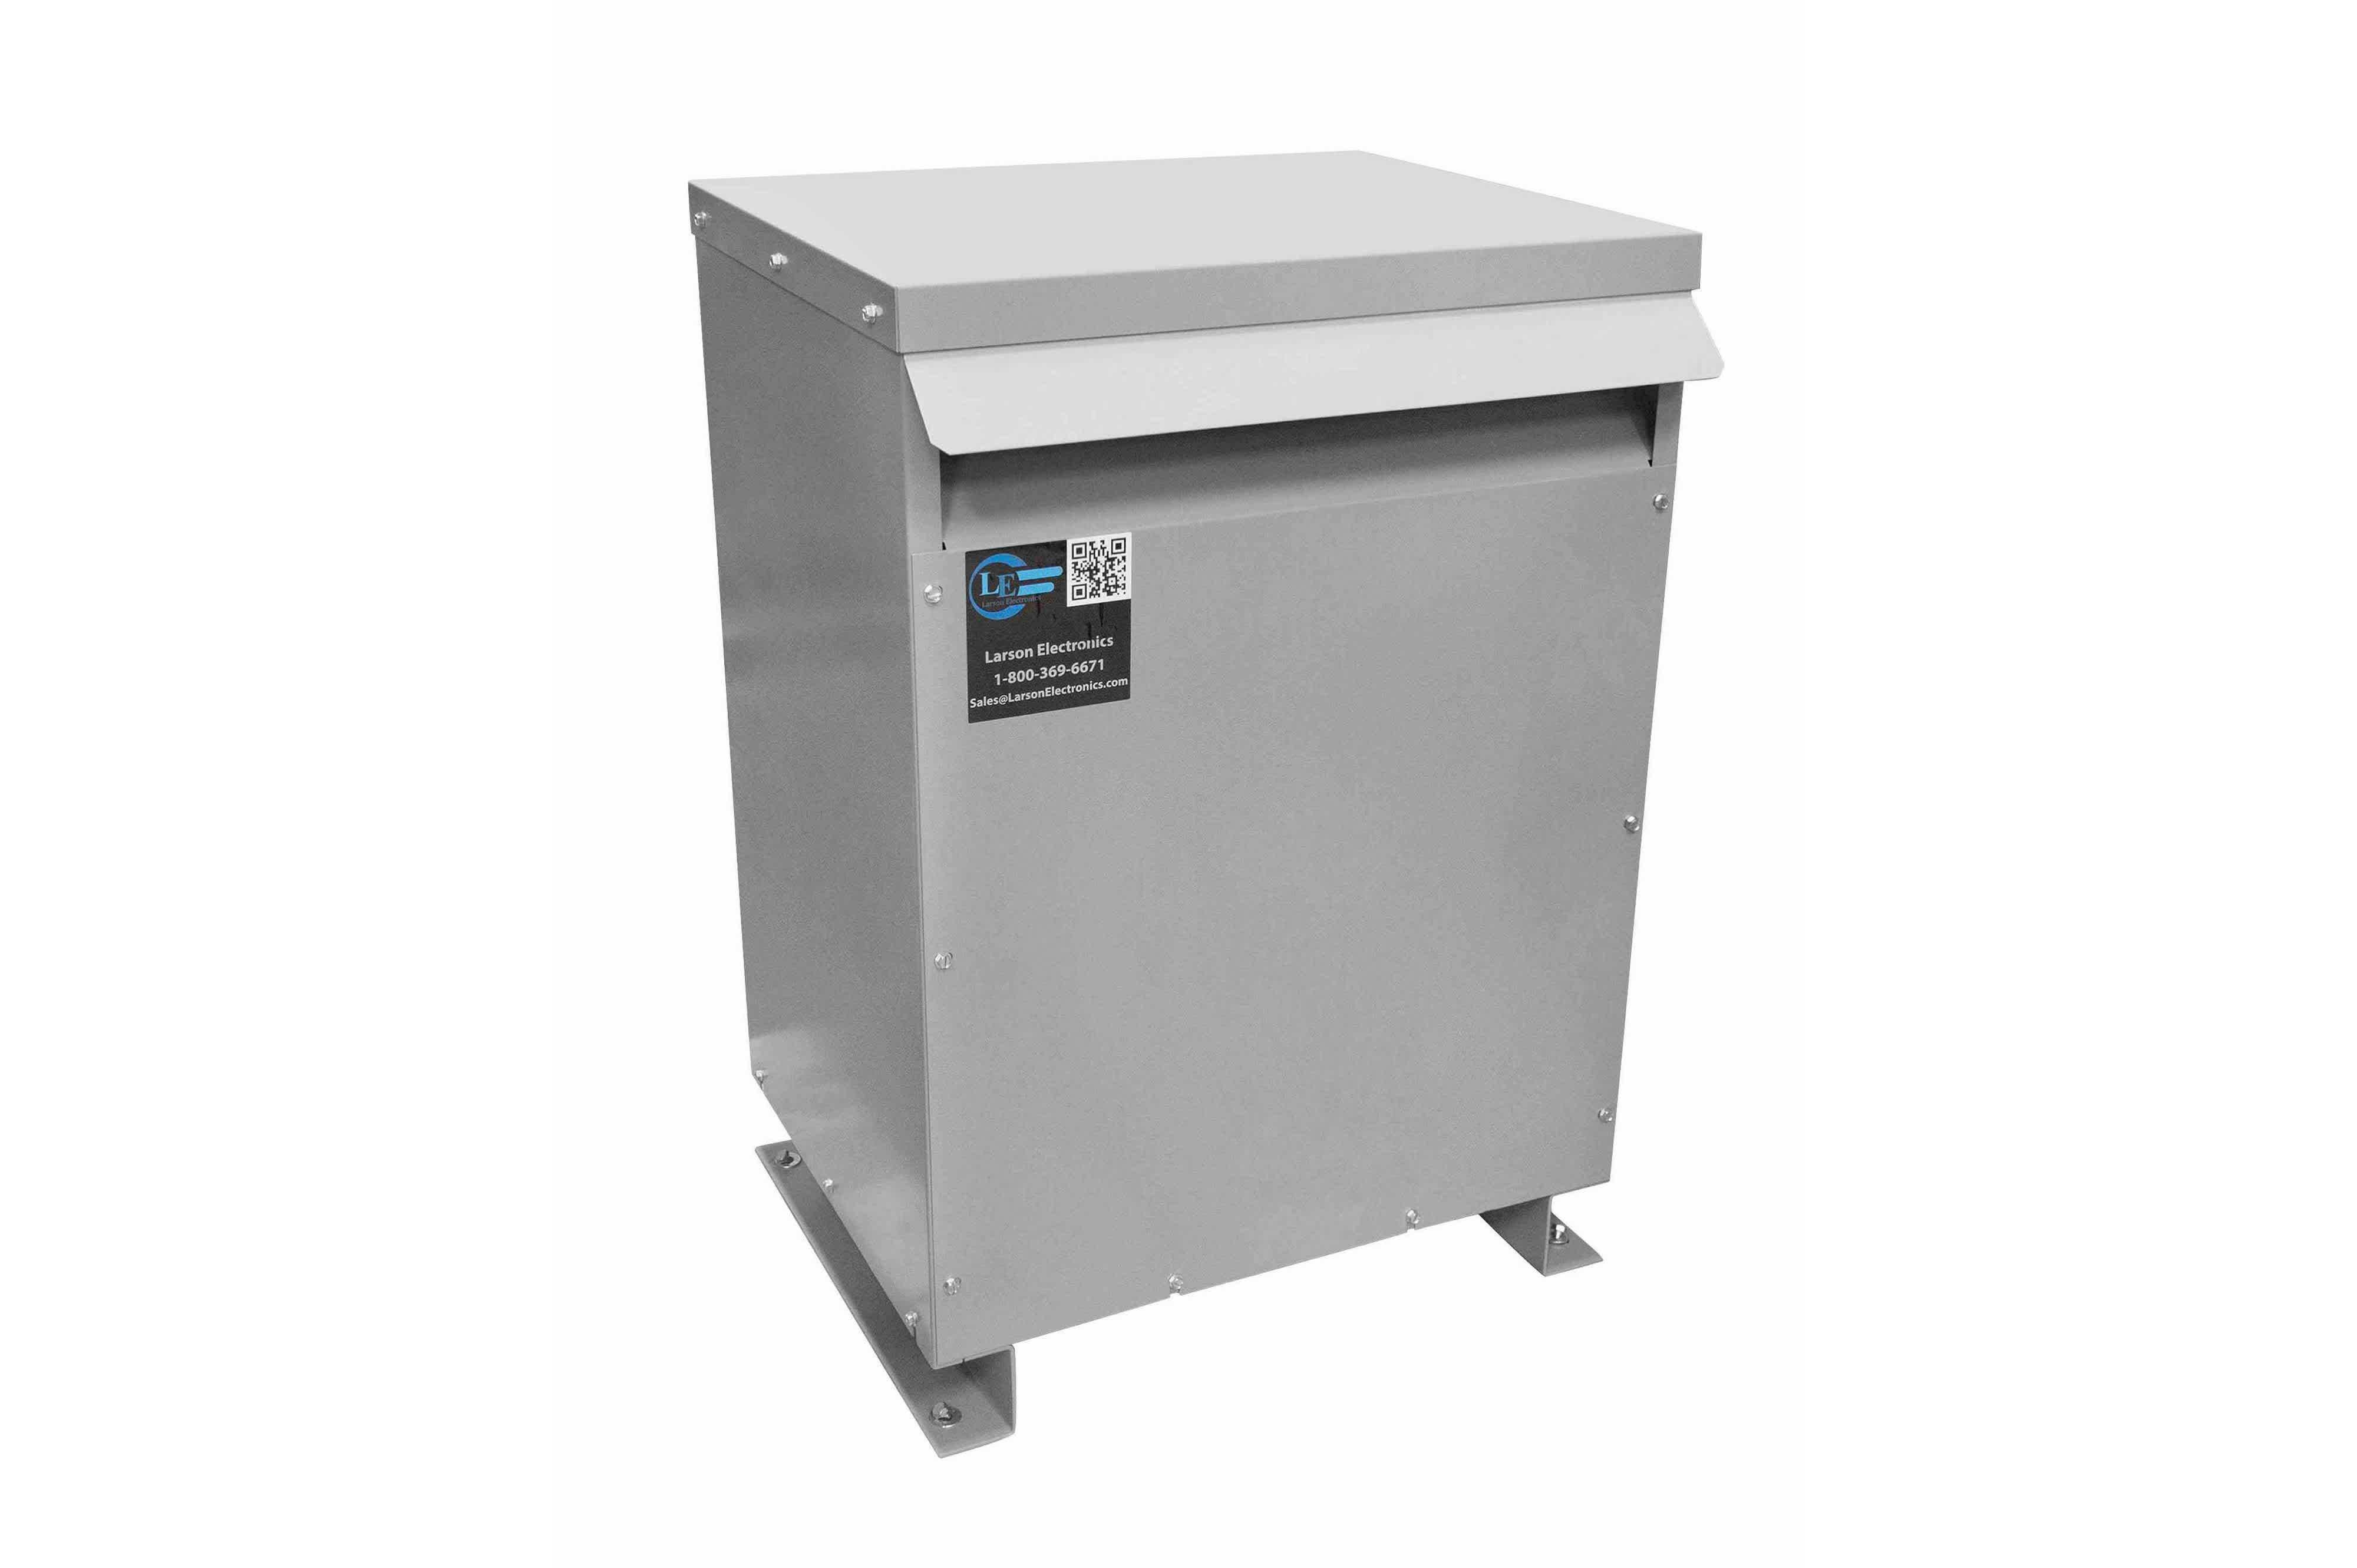 18 kVA 3PH Isolation Transformer, 480V Delta Primary, 600V Delta Secondary, N3R, Ventilated, 60 Hz